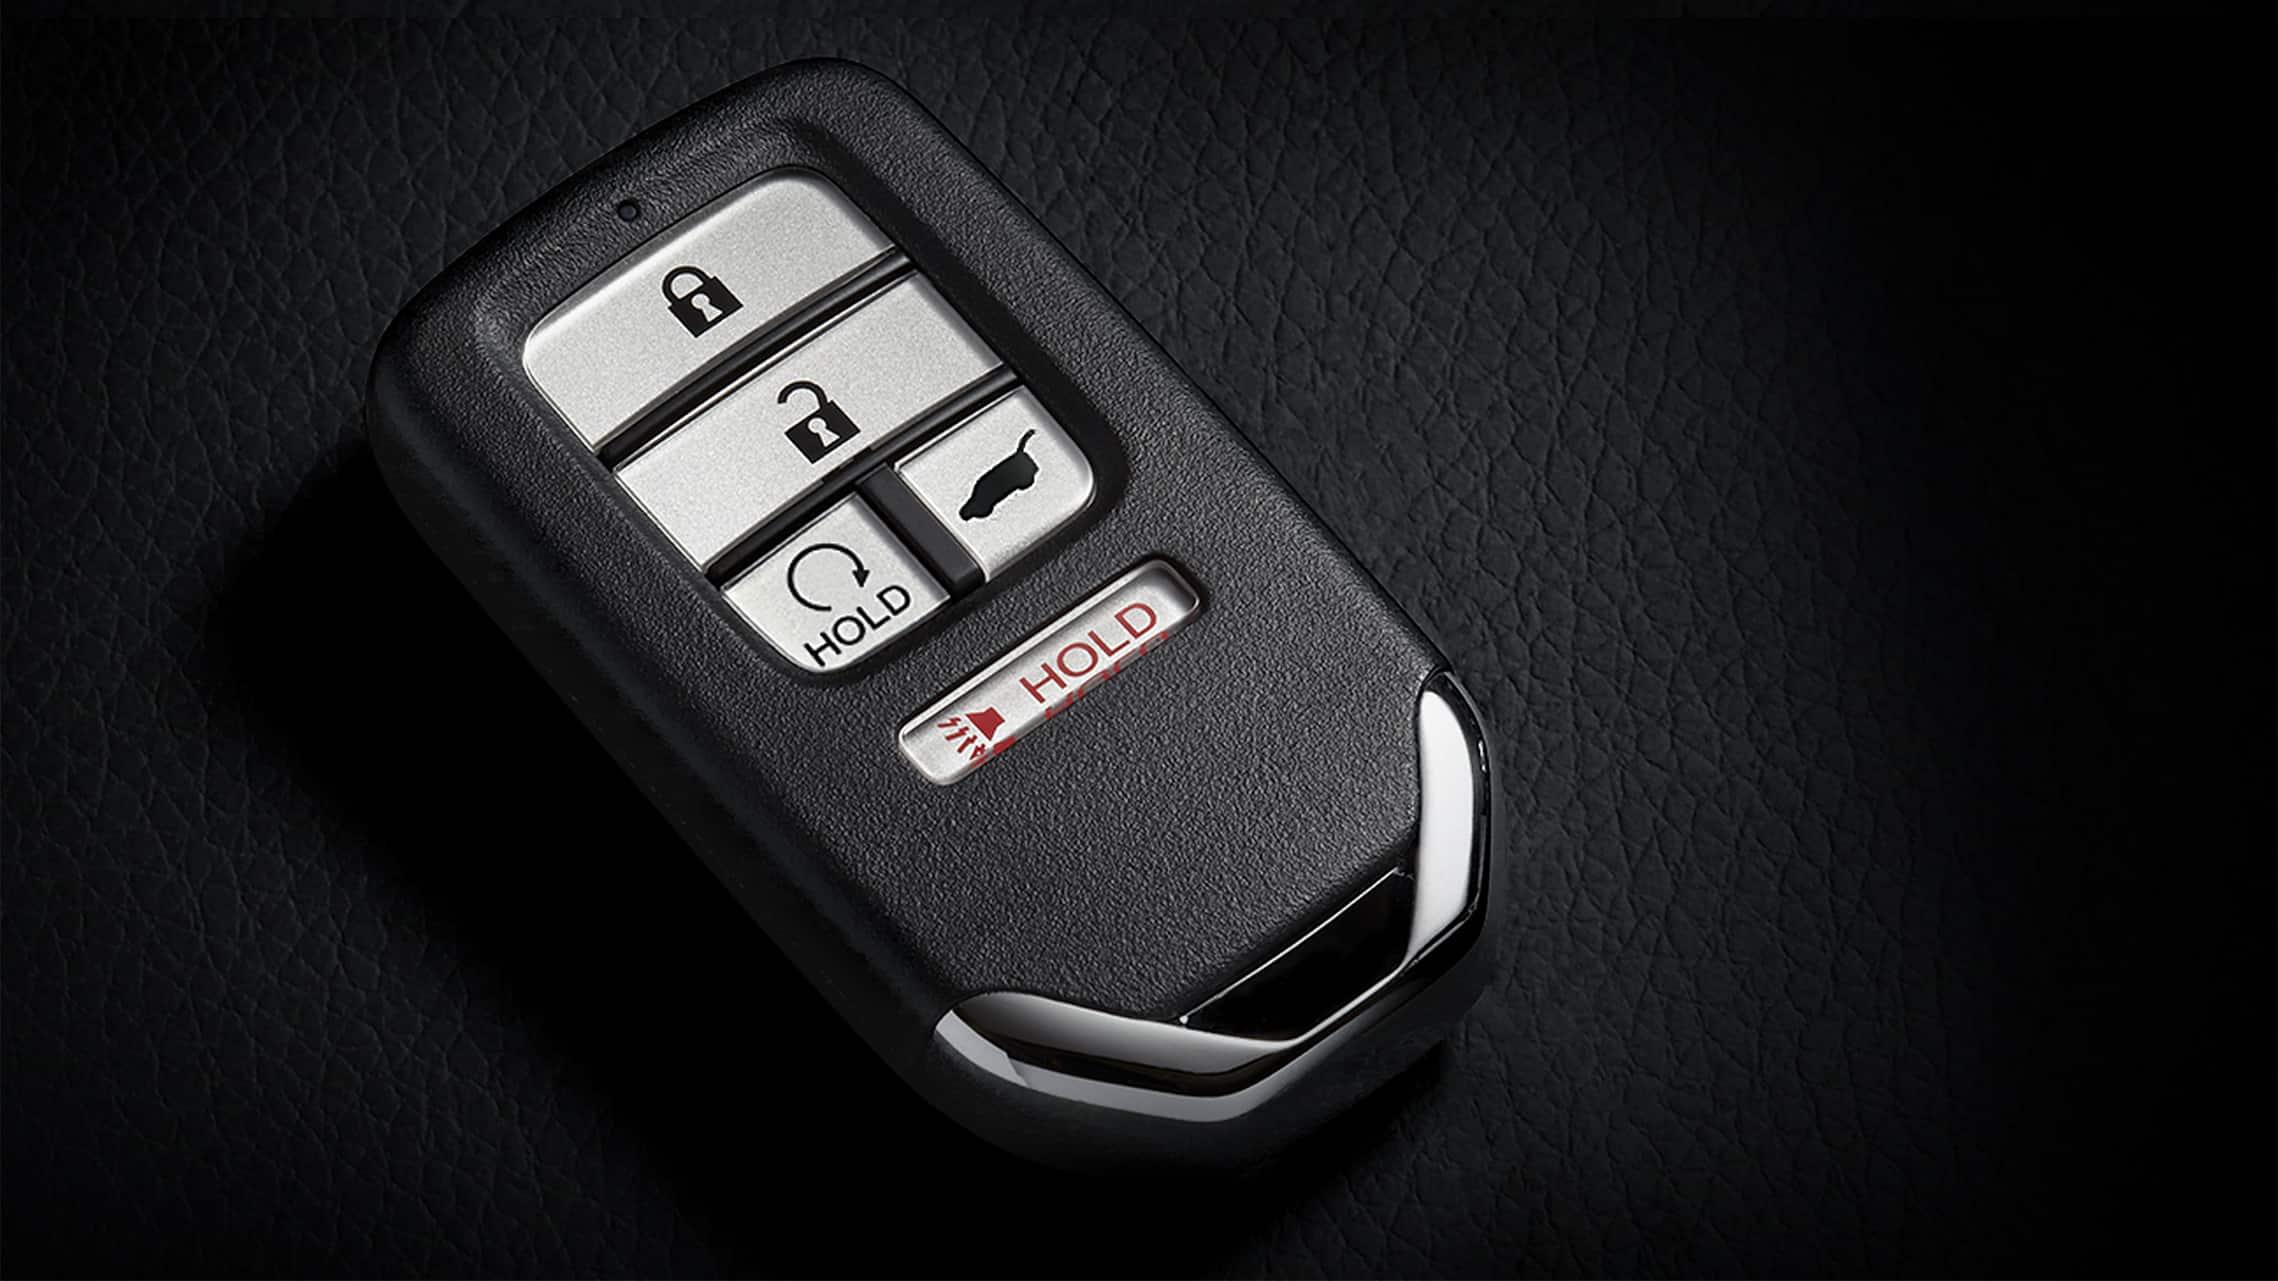 Llavero con detalle del botón de encendido remoto del motor para el Honda Civic Sport Touring Hatchback2021.